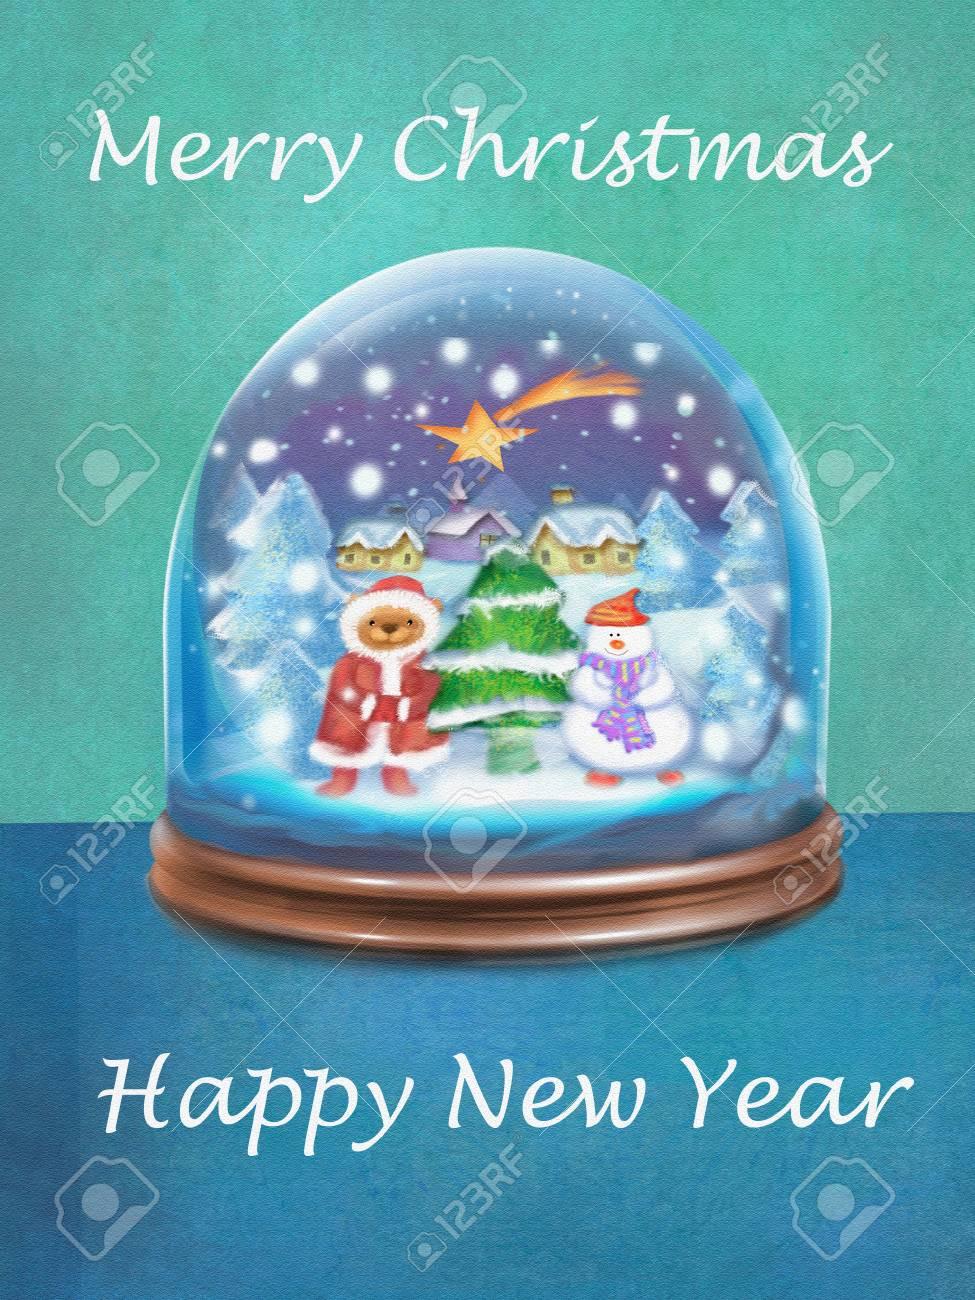 Wünsche Frohe Weihnachten.Stock Photo